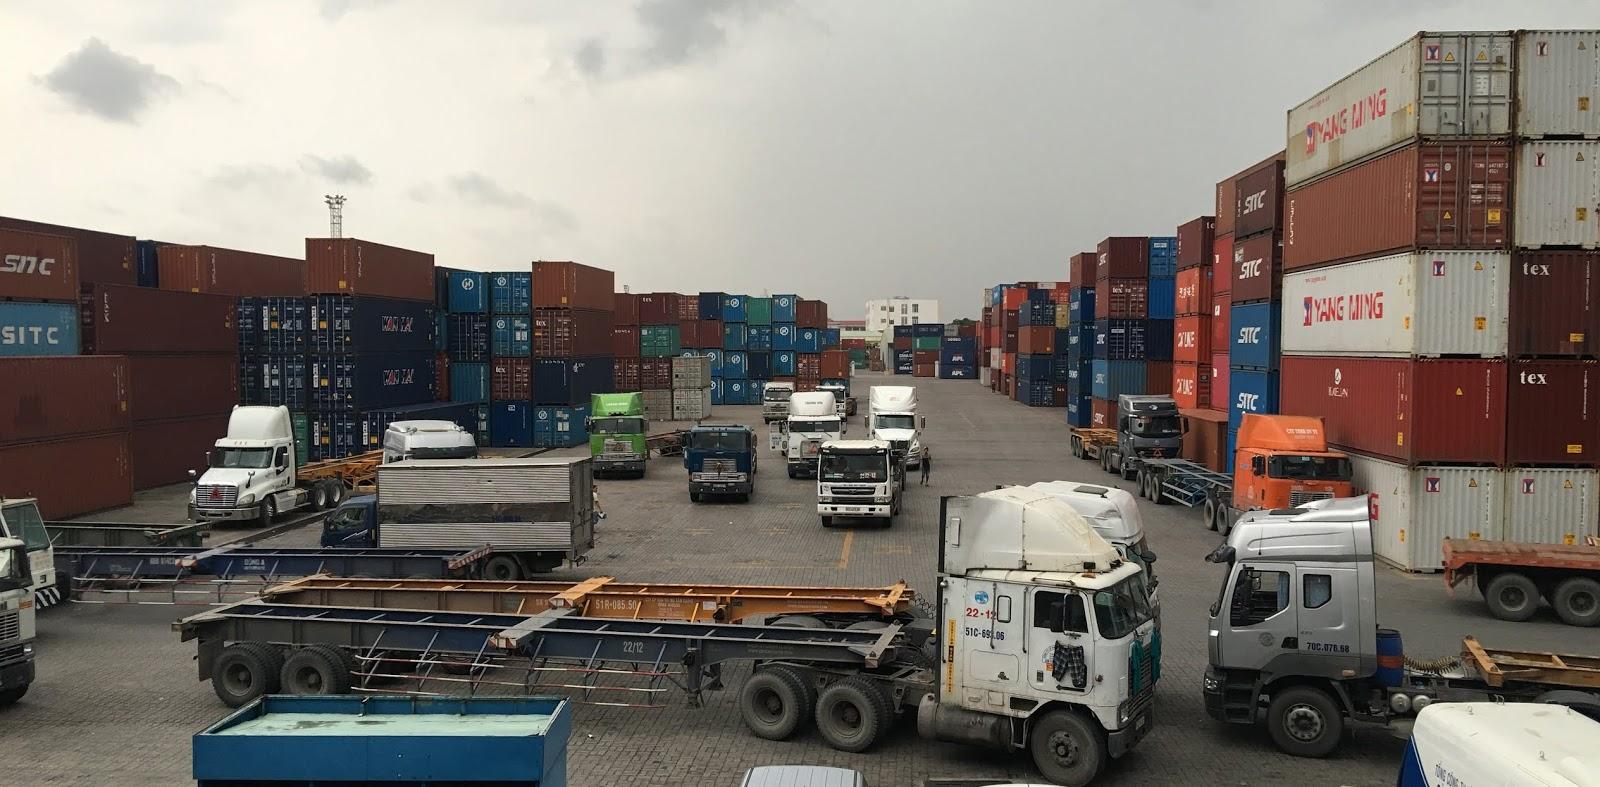 Hàng container được kéo ra bãi làm thủ tục hã bãi chờ xuất